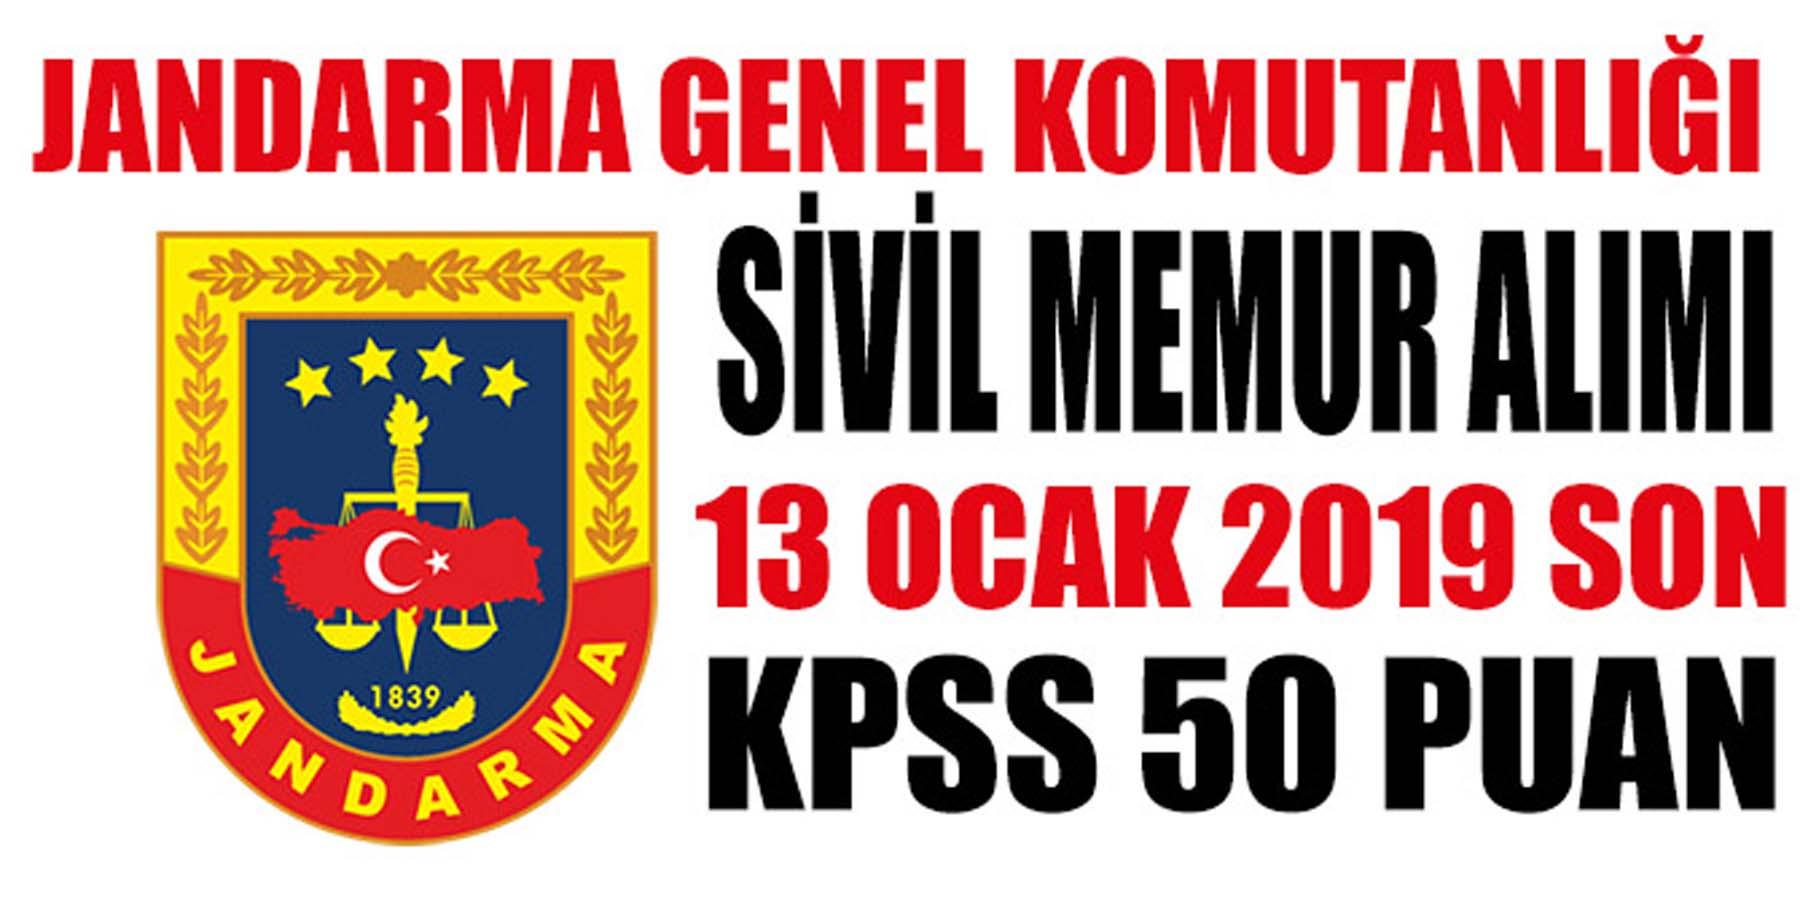 JGK JSGA KPSS 50 Puan İle Sivil Memur Alımı